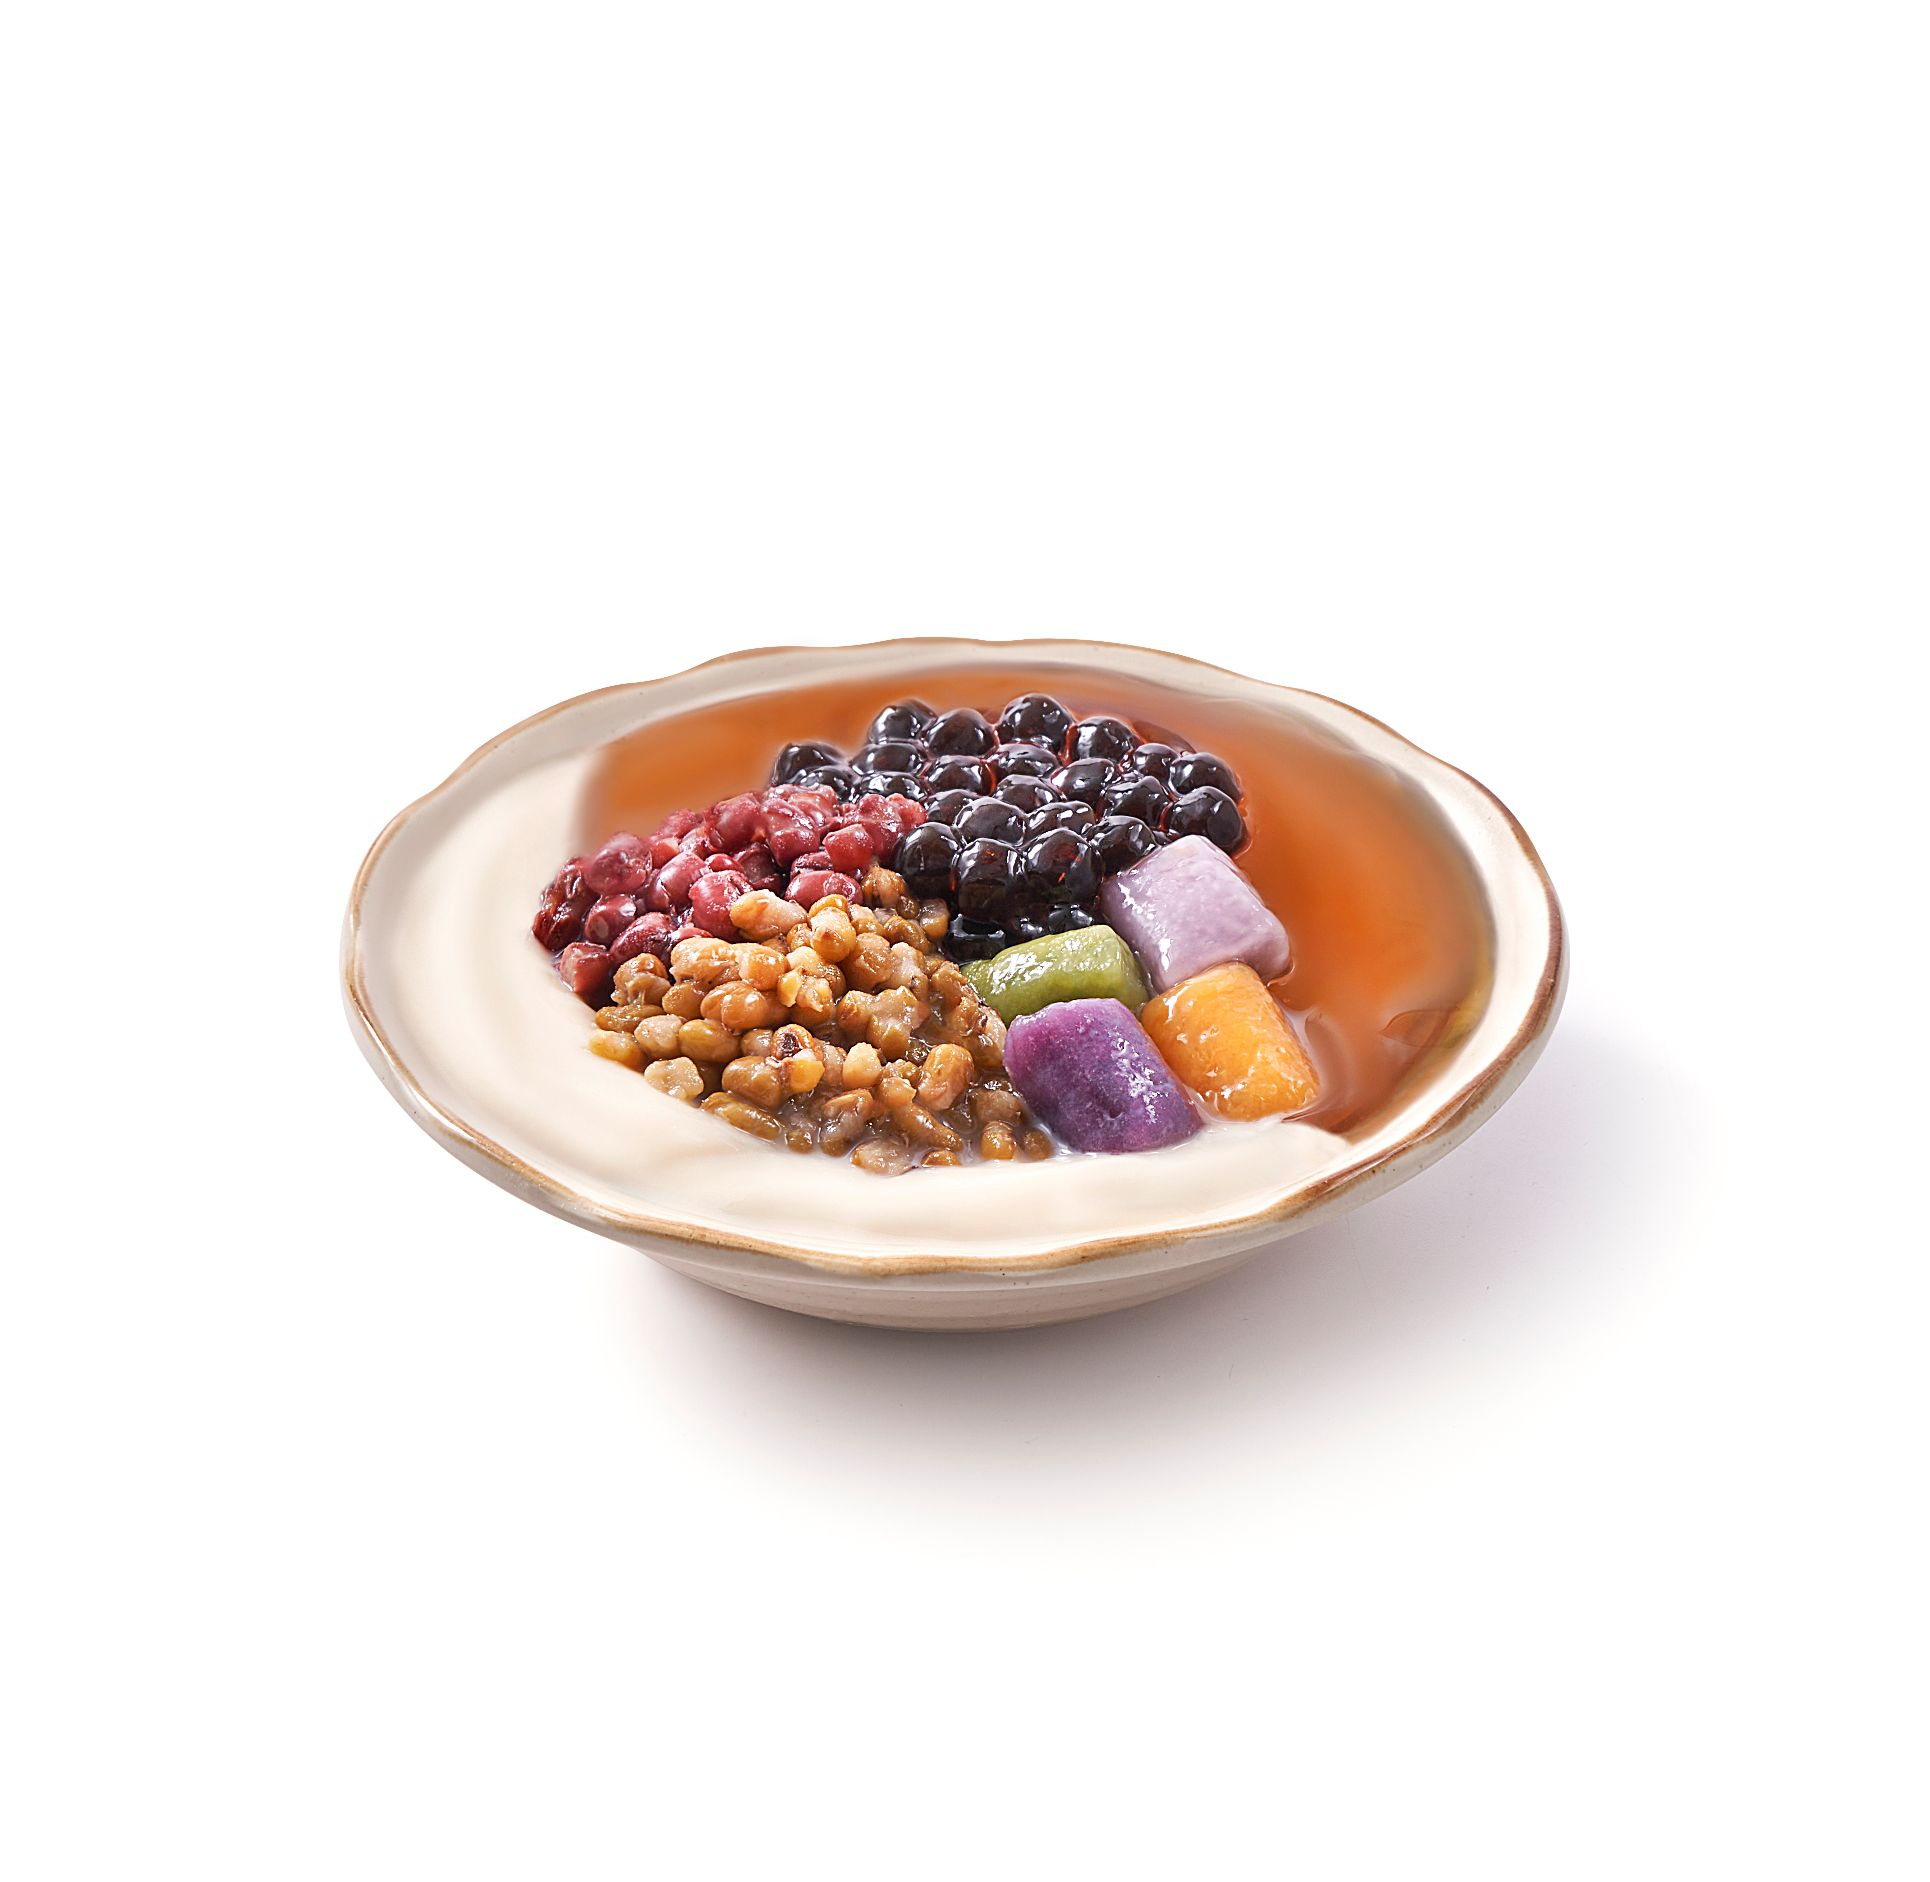 1 x Bean Curd + Aiyu Jelly with Red Bean, Green Bean, Black Pearl, and Taro Balls